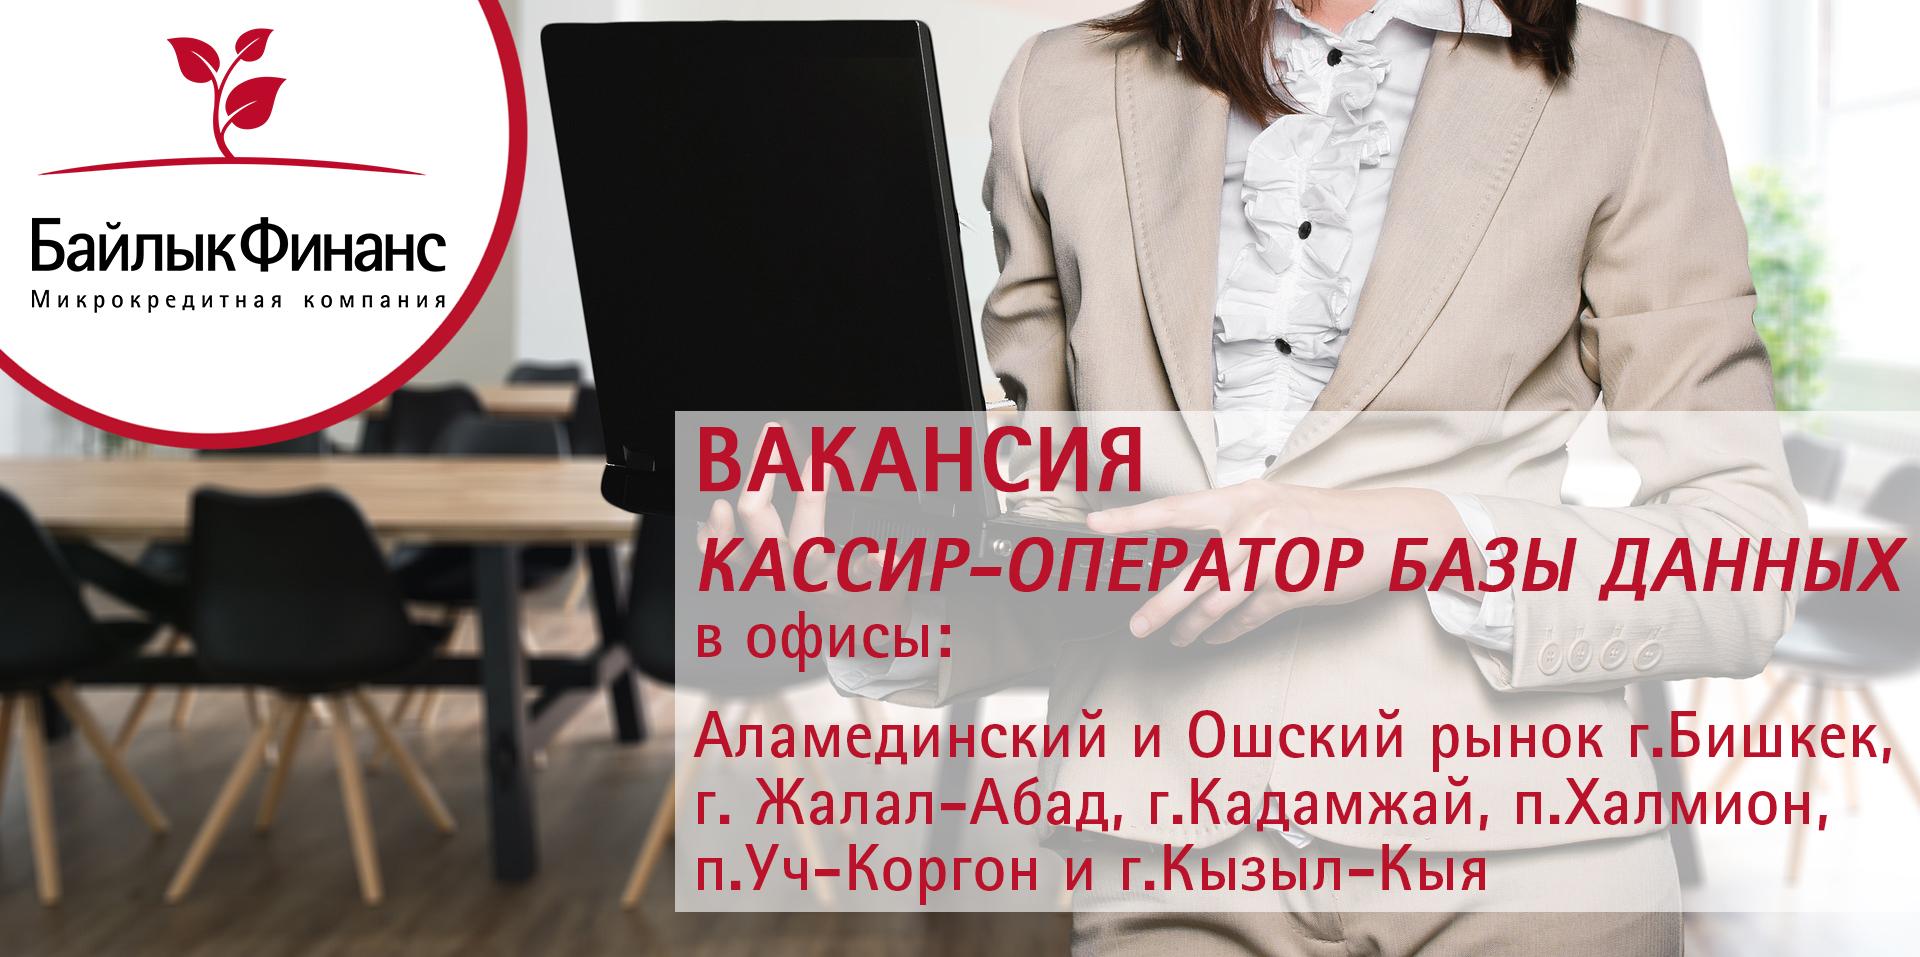 оператор базы данных вакансии удаленной работы